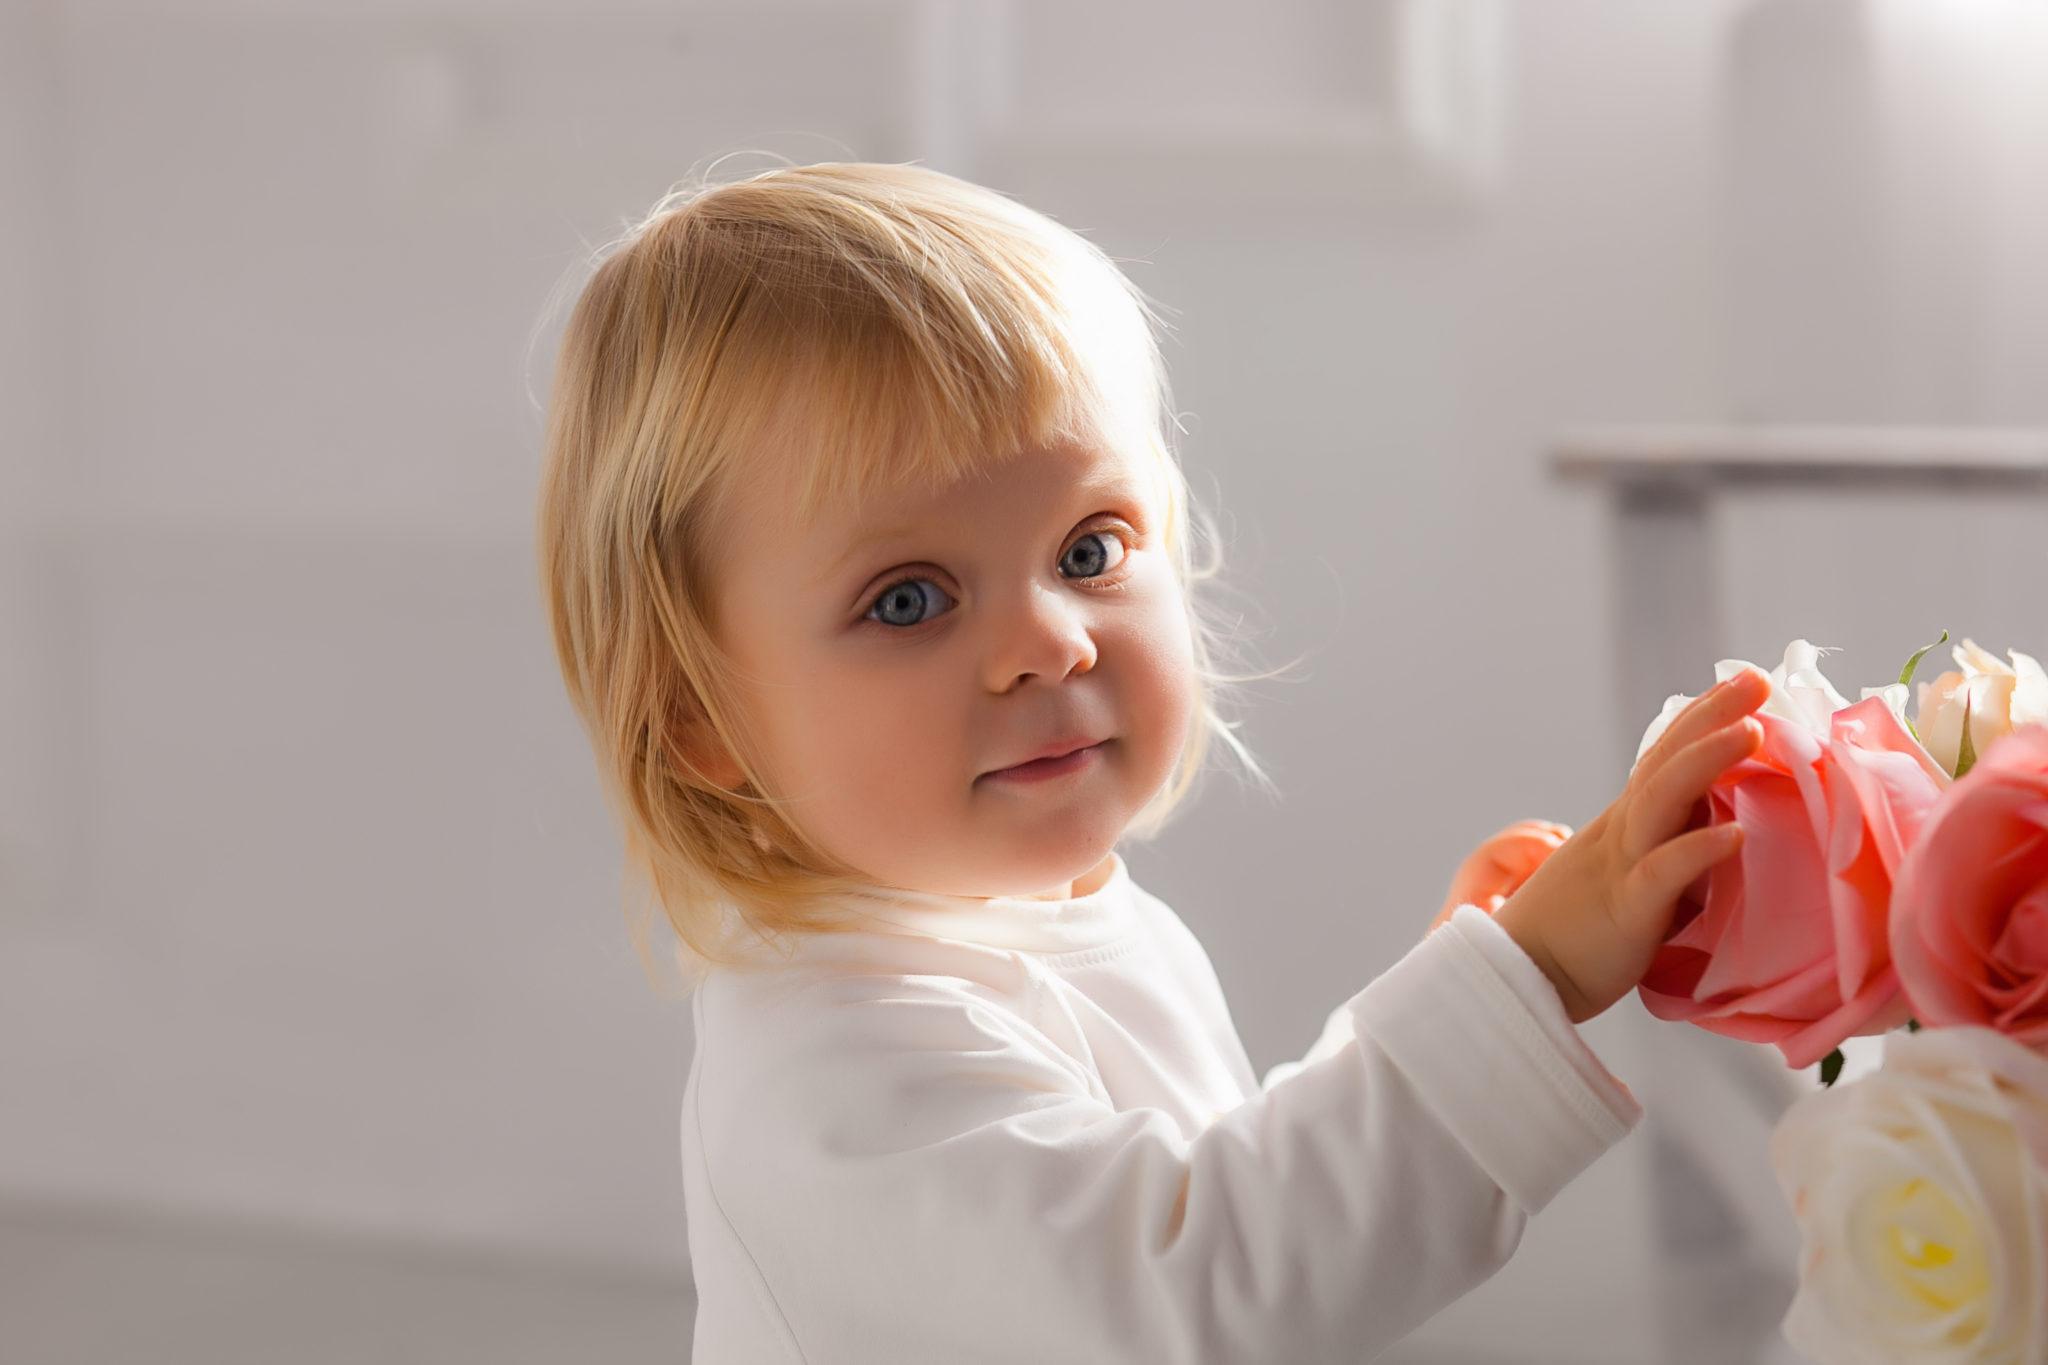 Детская фотосессия, ребенок трогает цветы